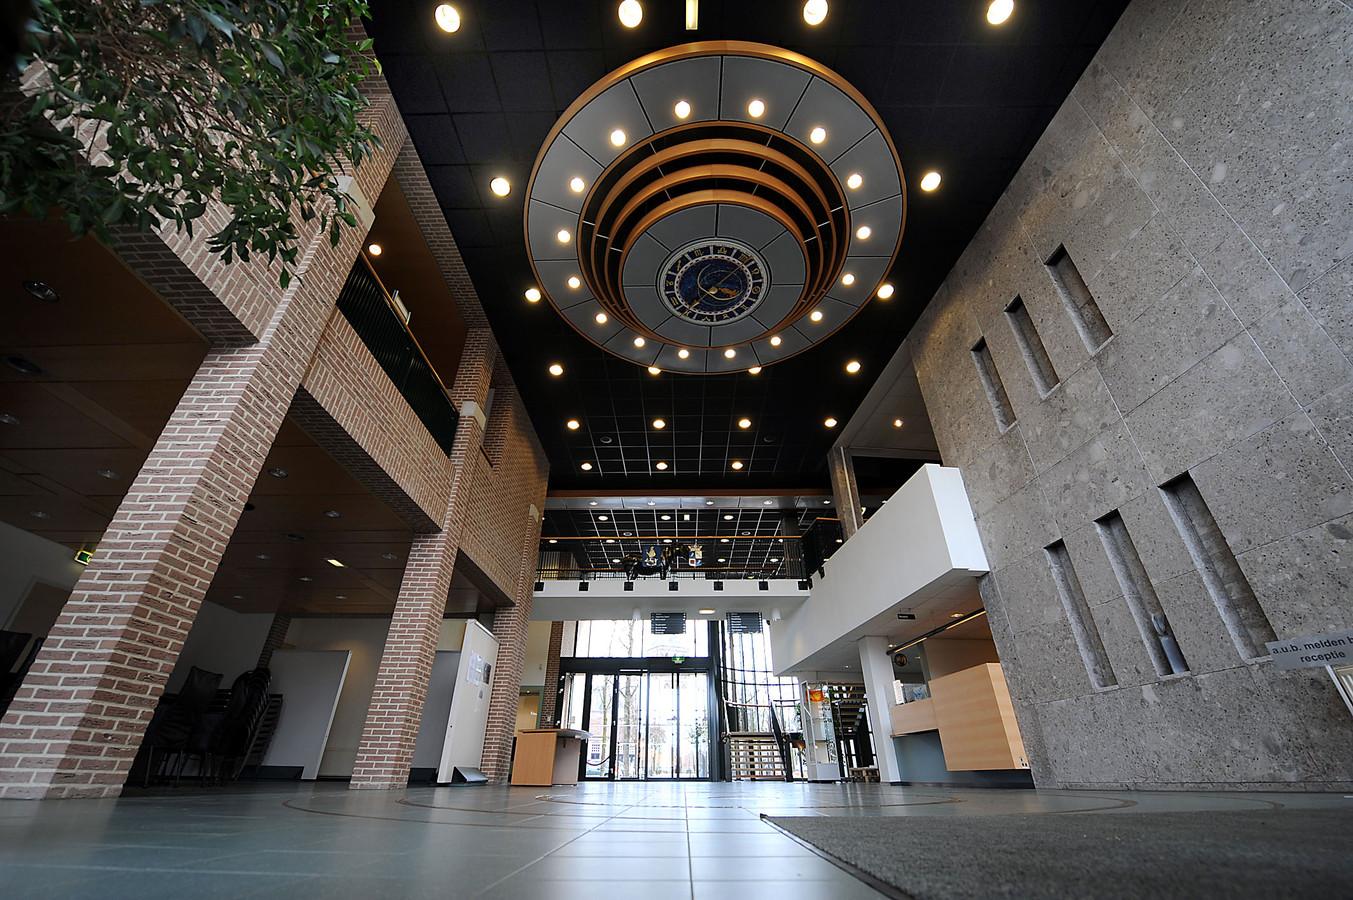 De hal van het gemeentehuis in Sint Anthonis.